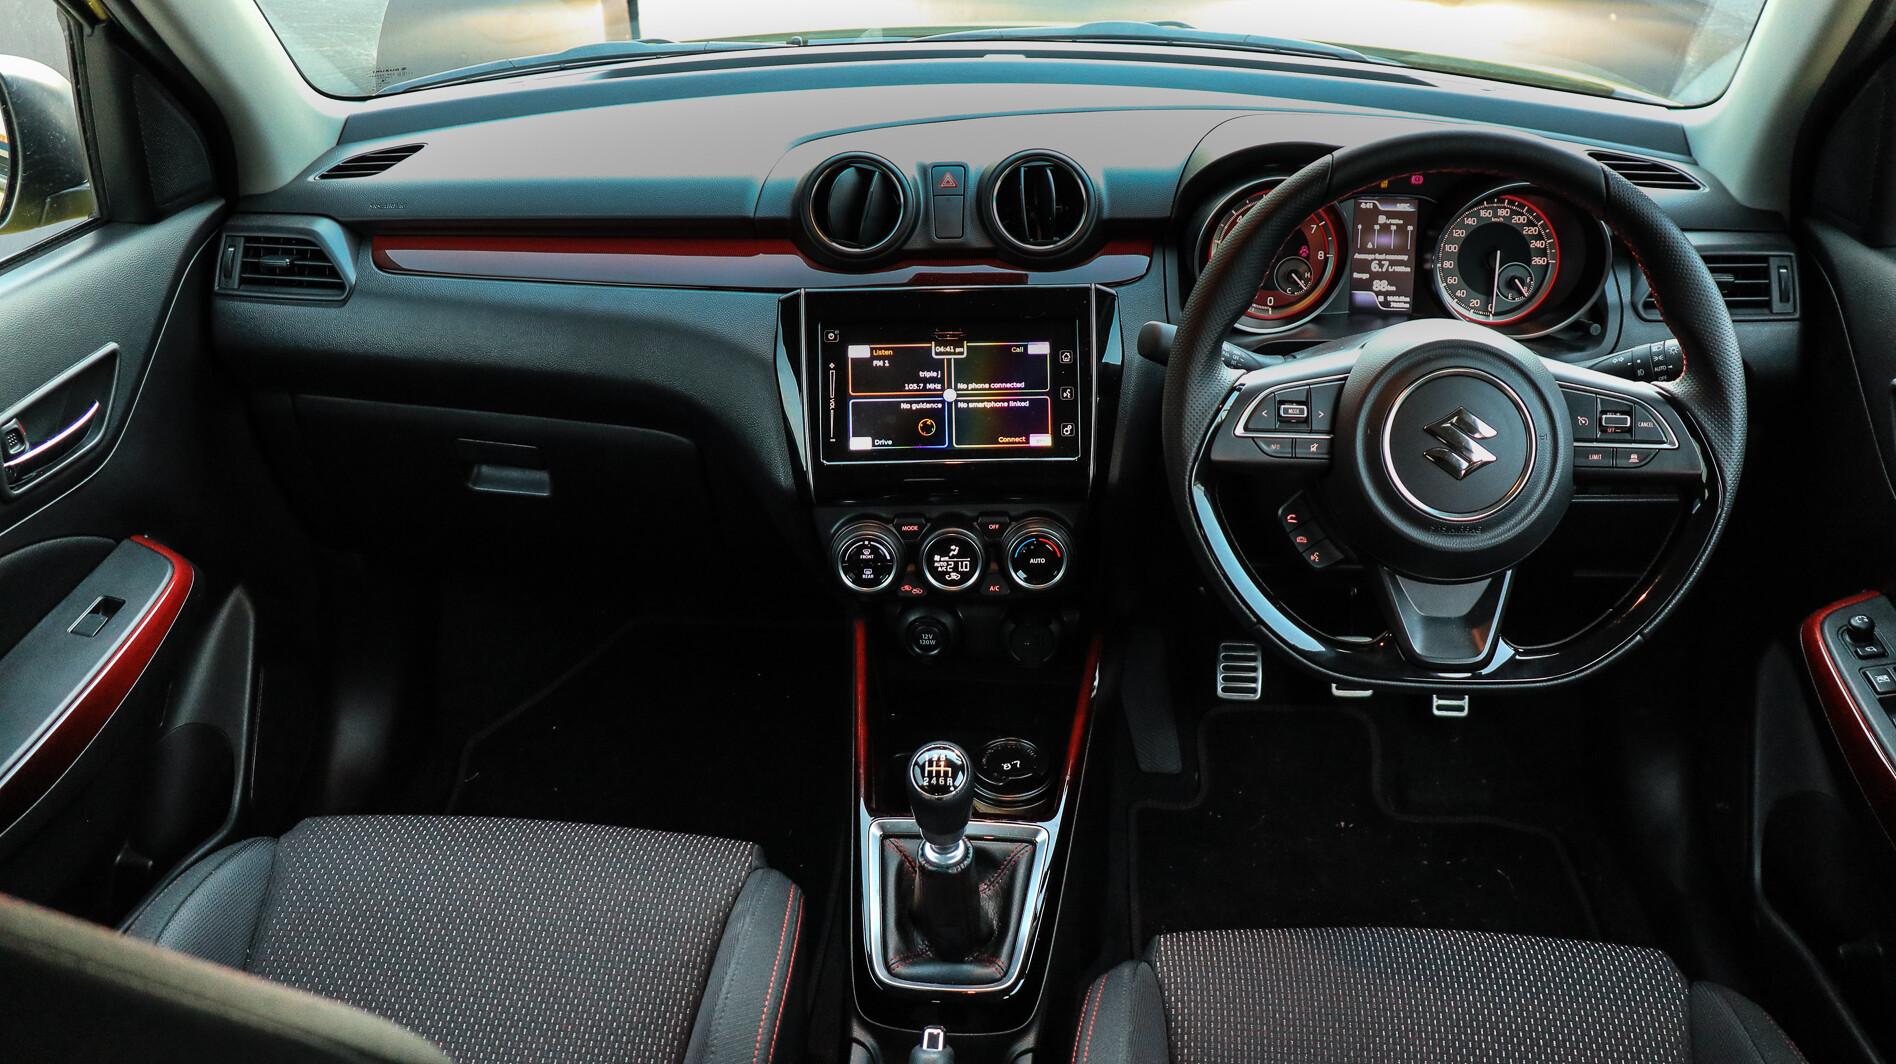 2019 Suzuki Swift Sport interior